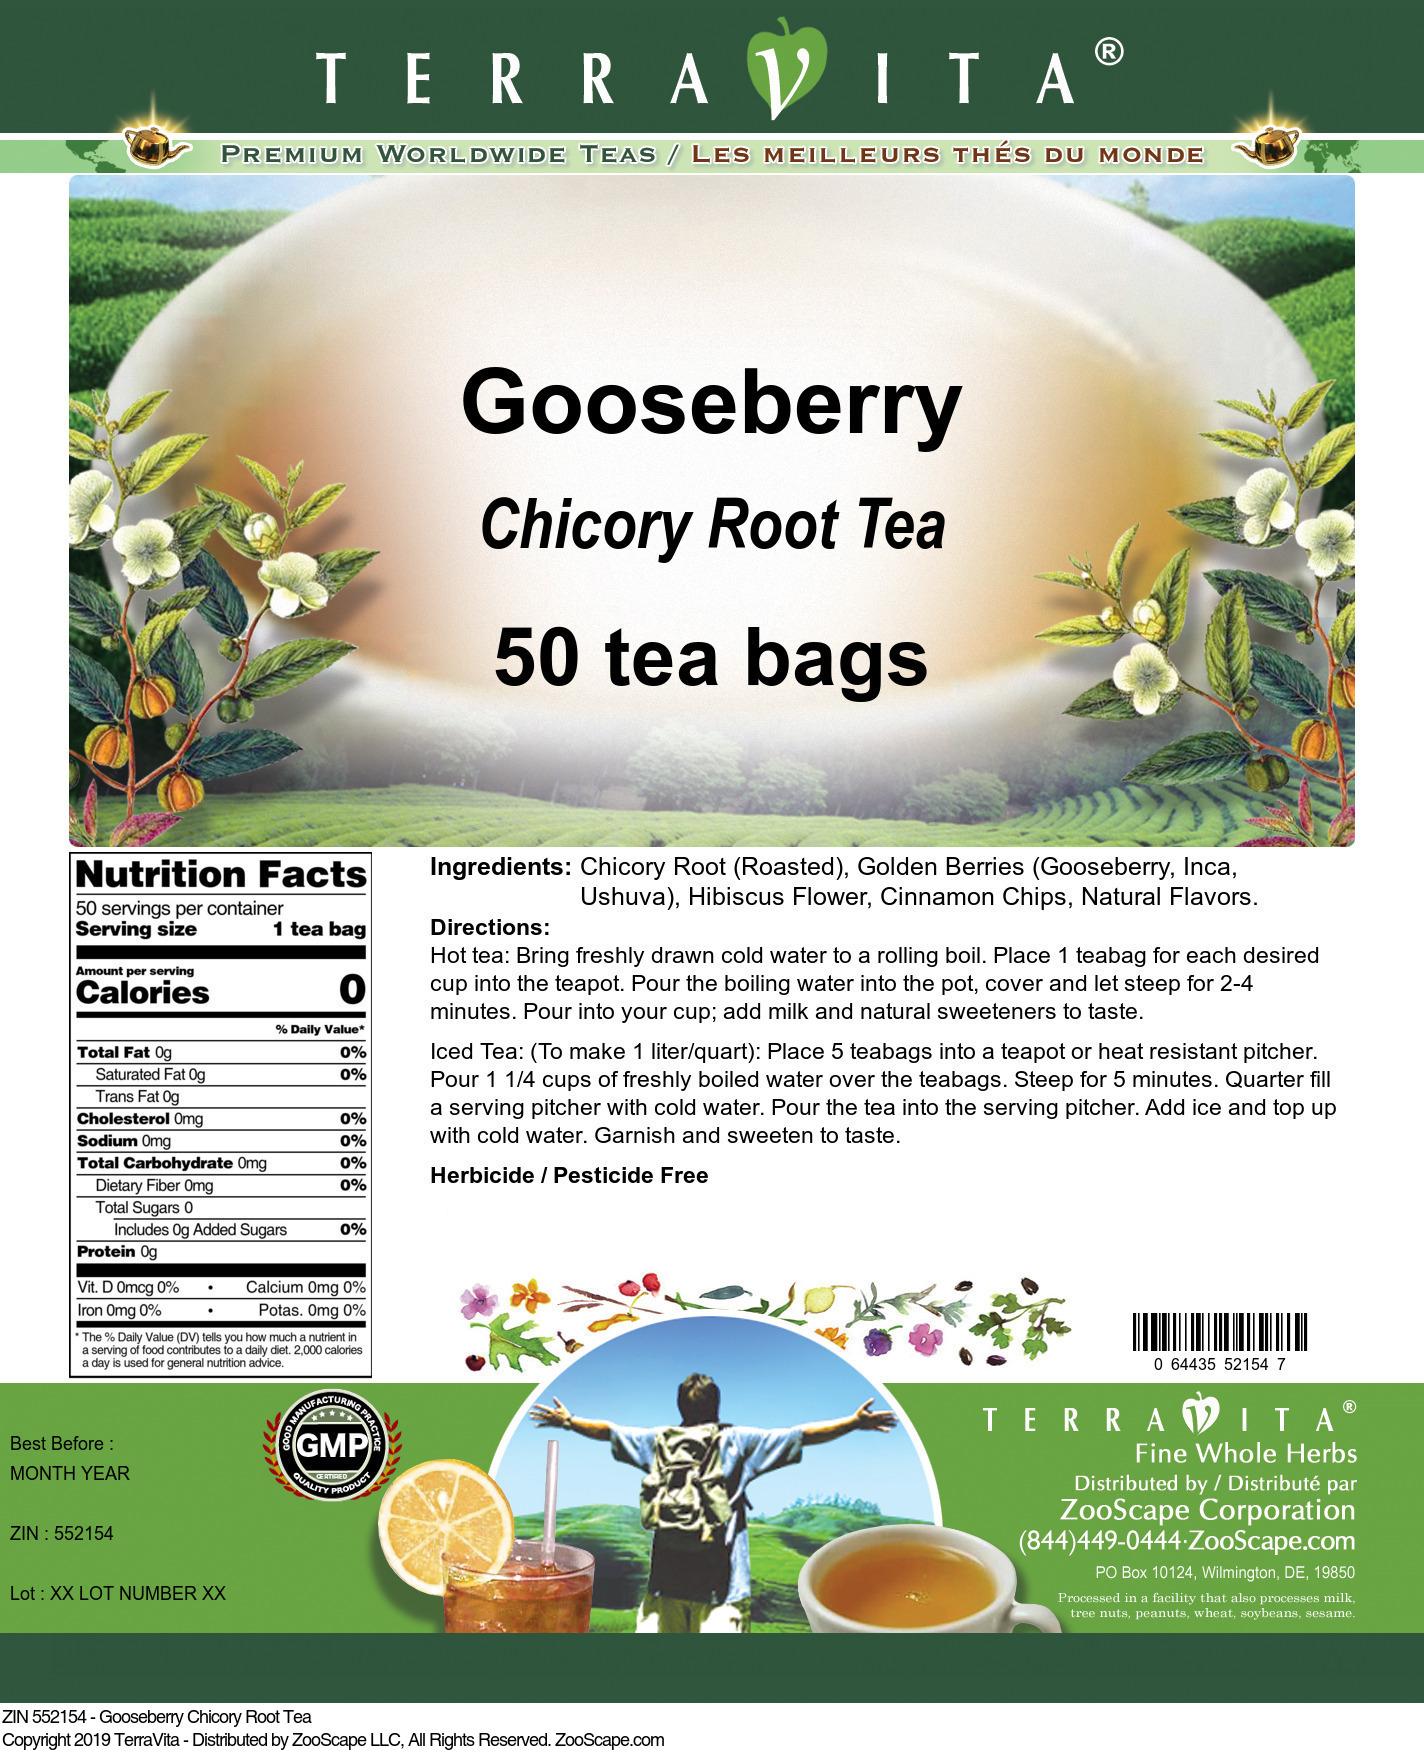 Gooseberry Chicory Root